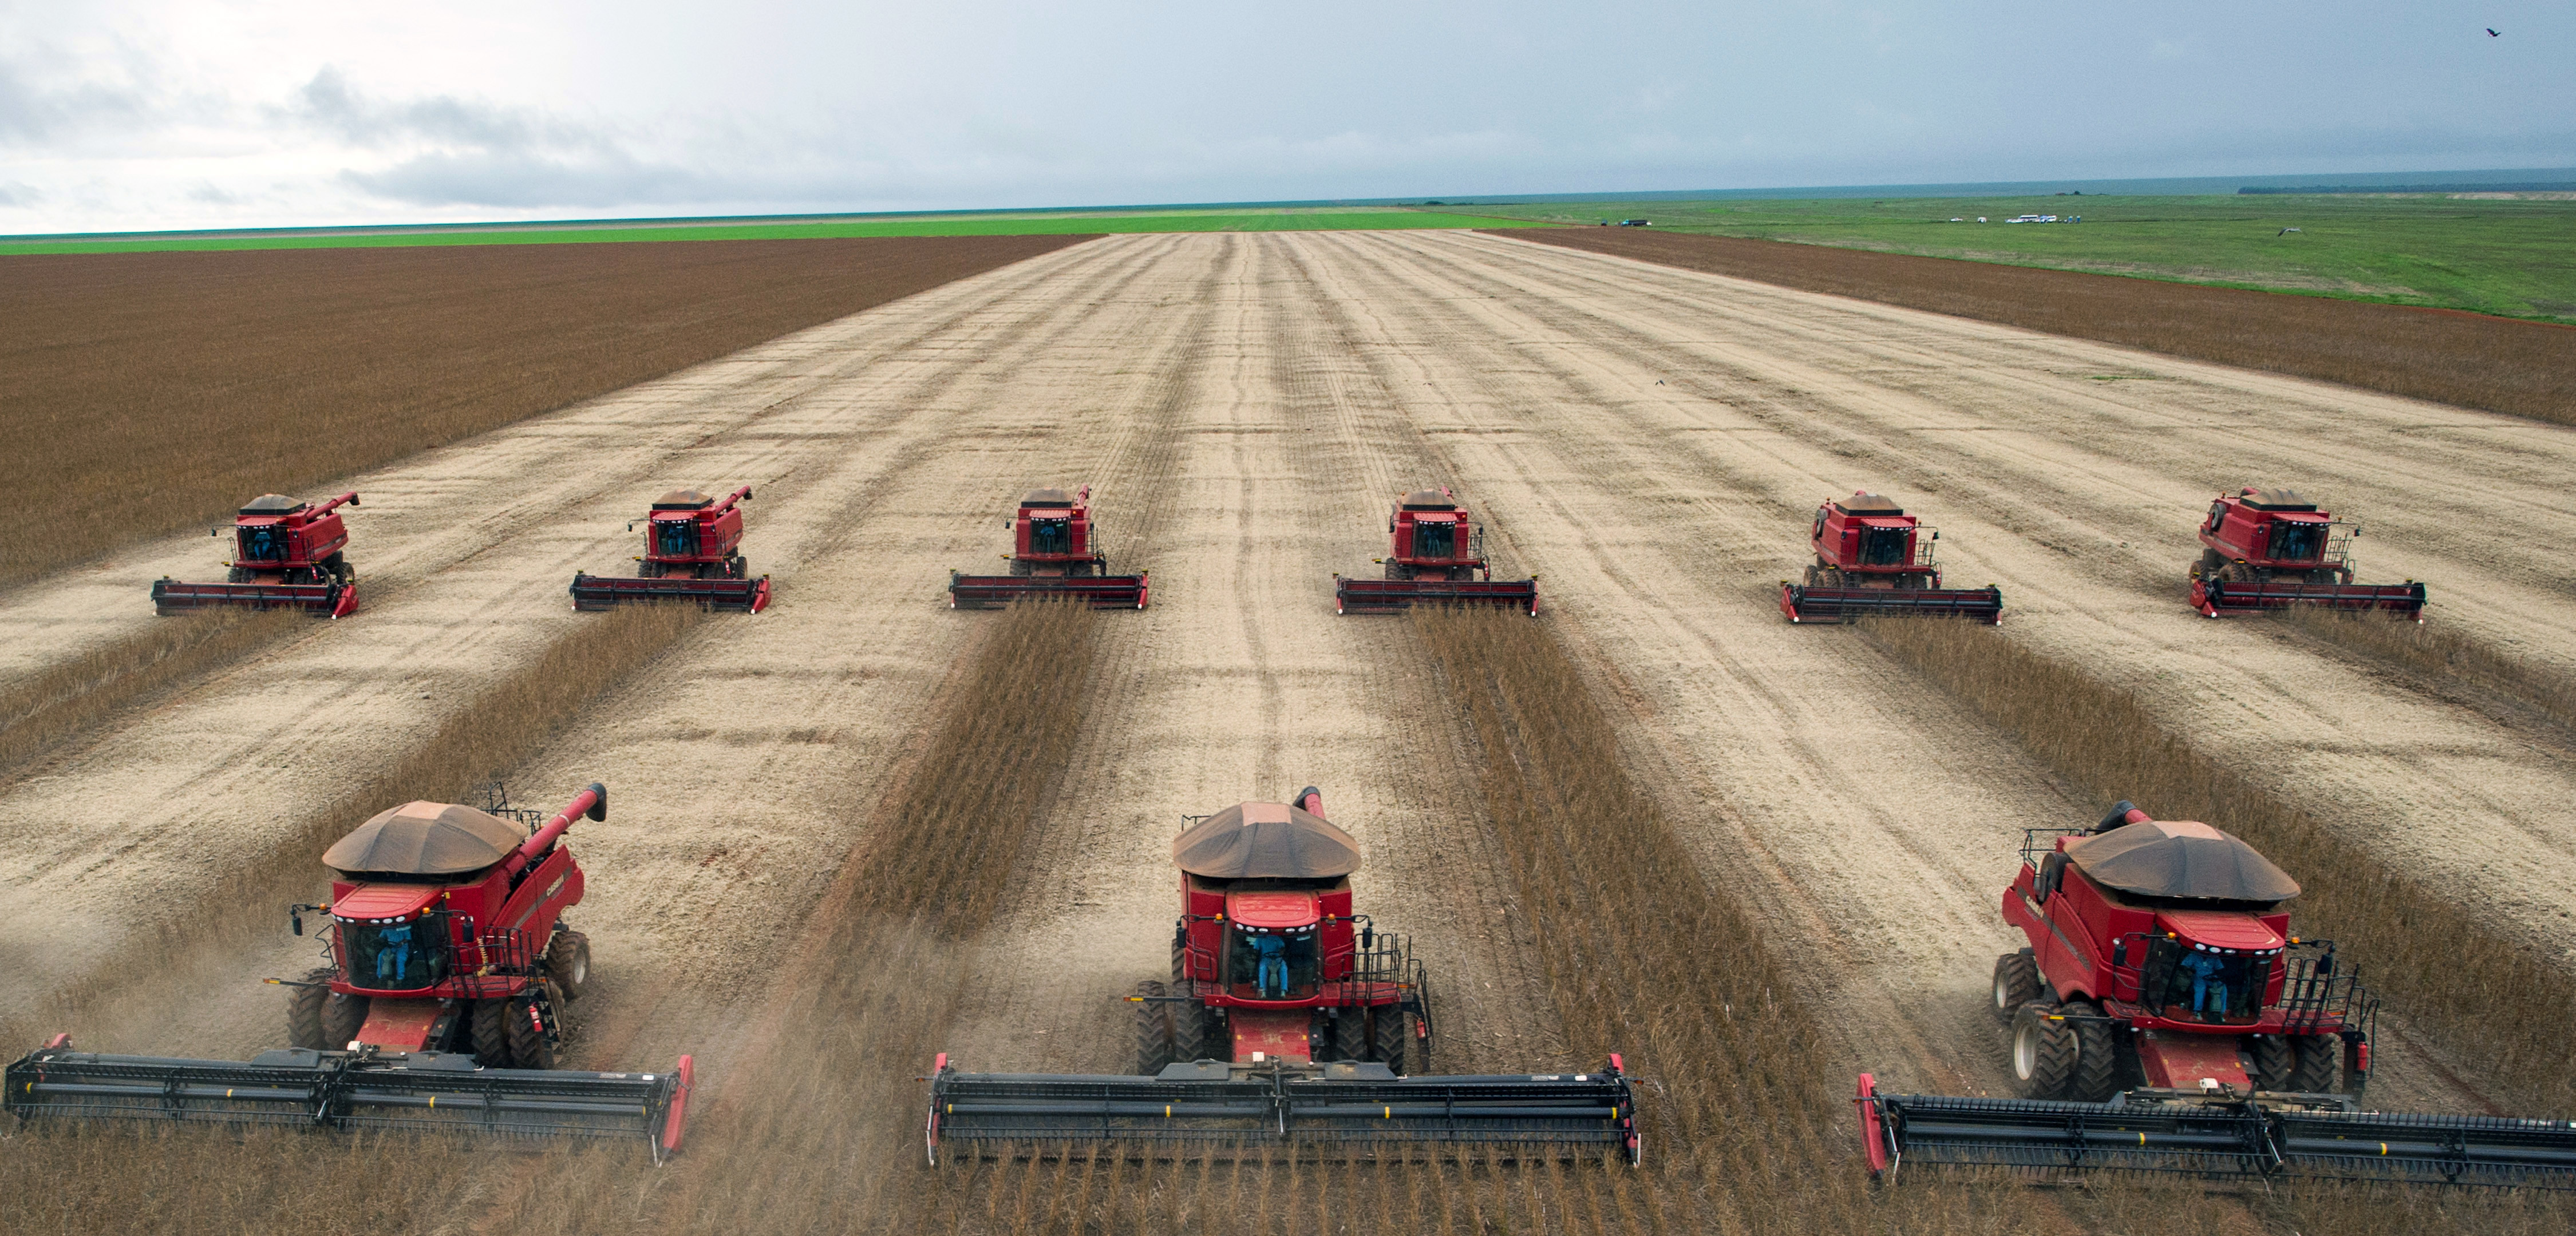 Analisi degli effetti dell'agricoltura intensiva